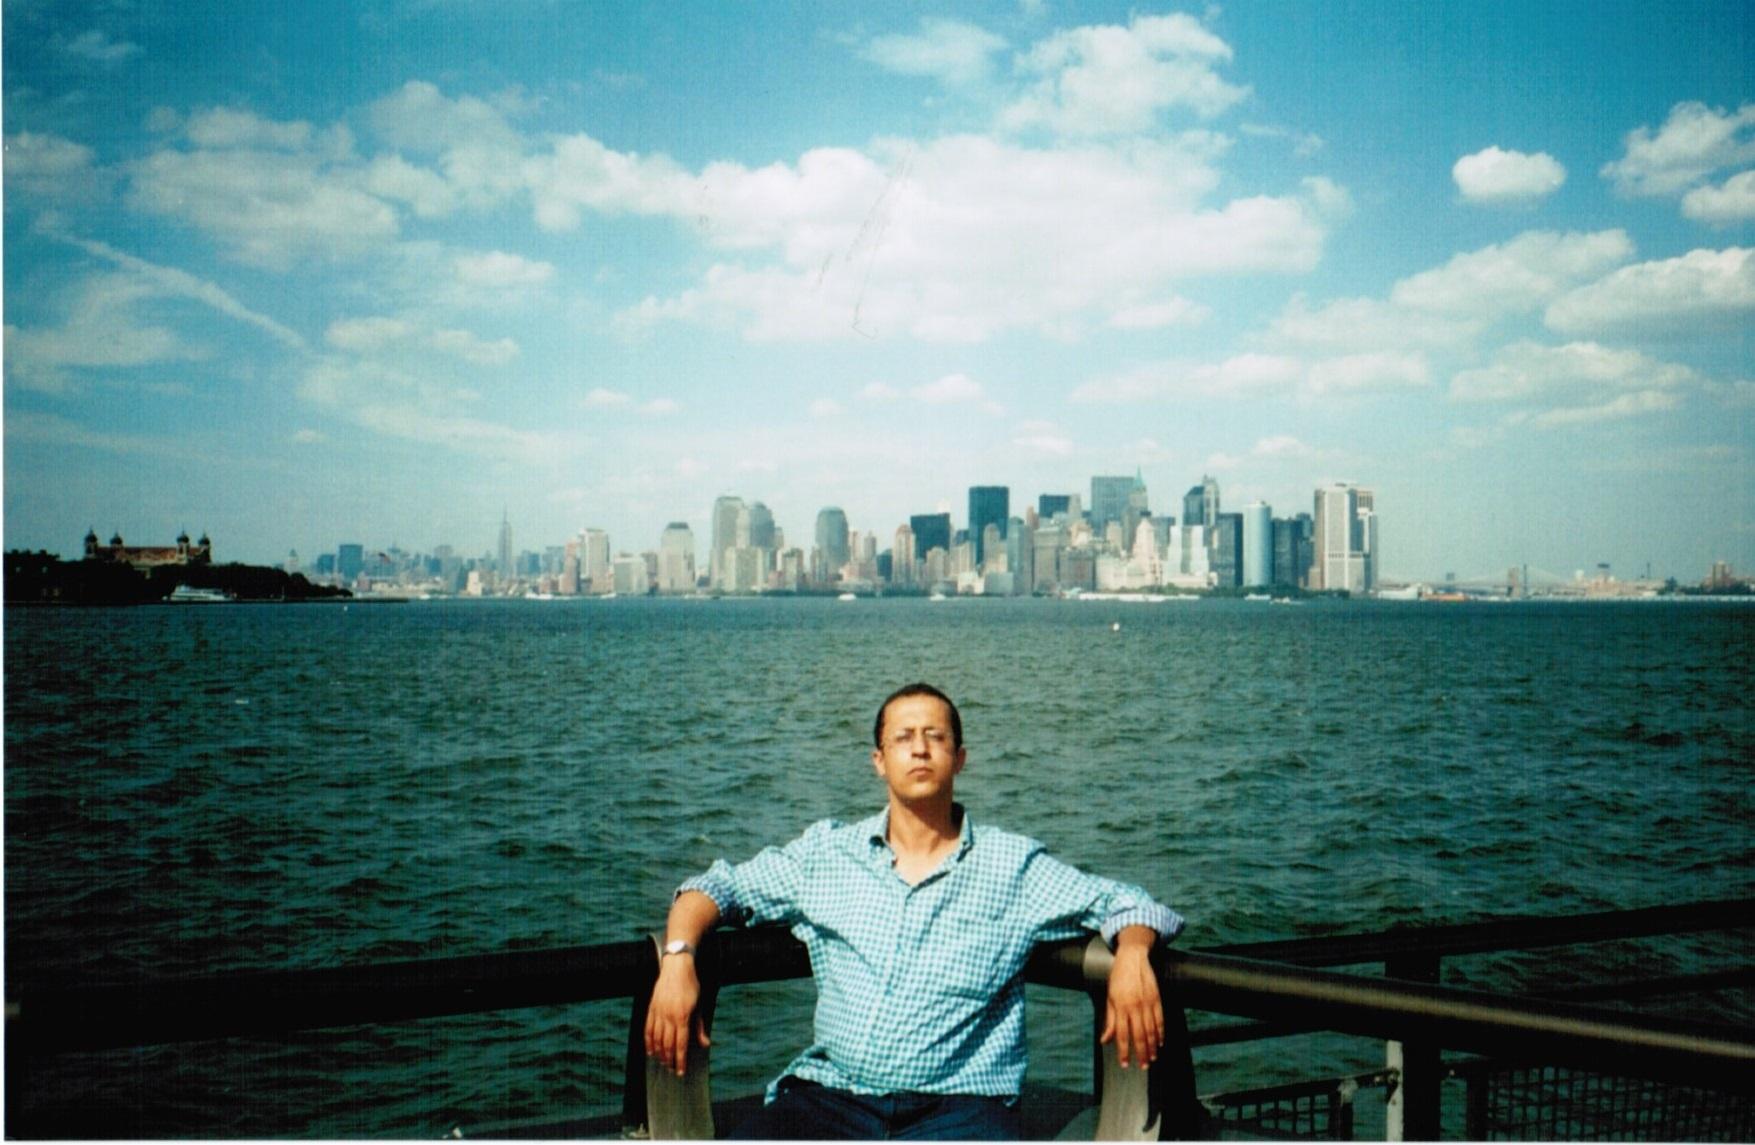 Dejando atrás Manhattan